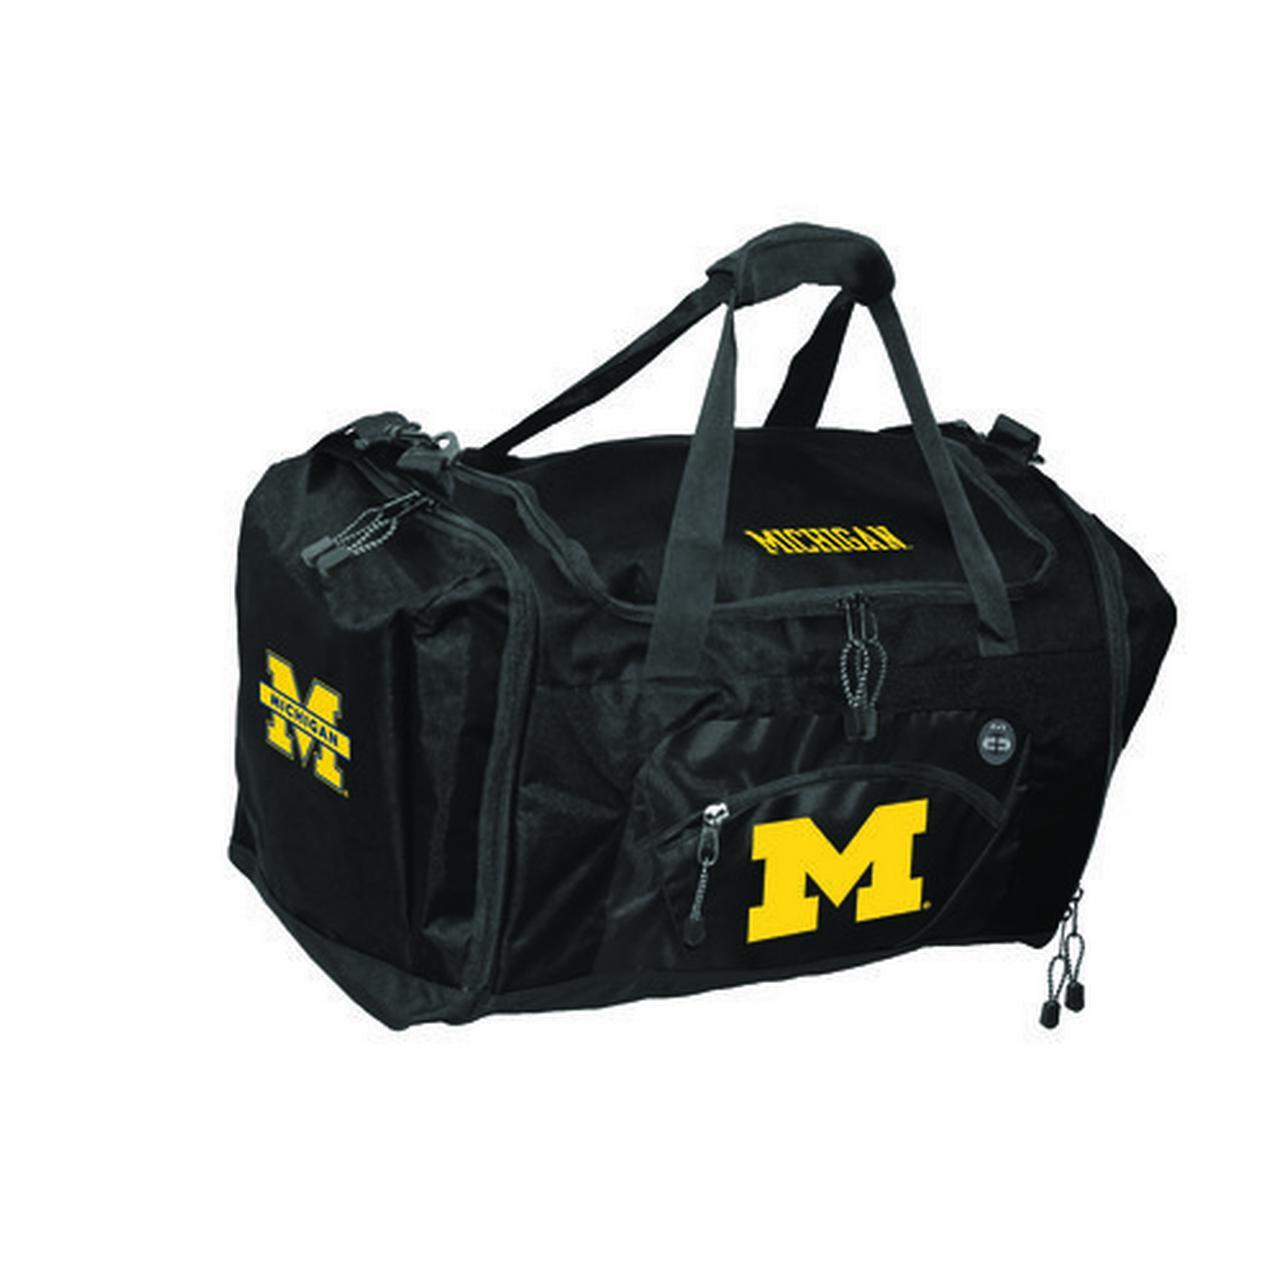 Roadblock Michigan Wolverines Duffle Bag Black Michigan Wolverines C1CMIRBDB